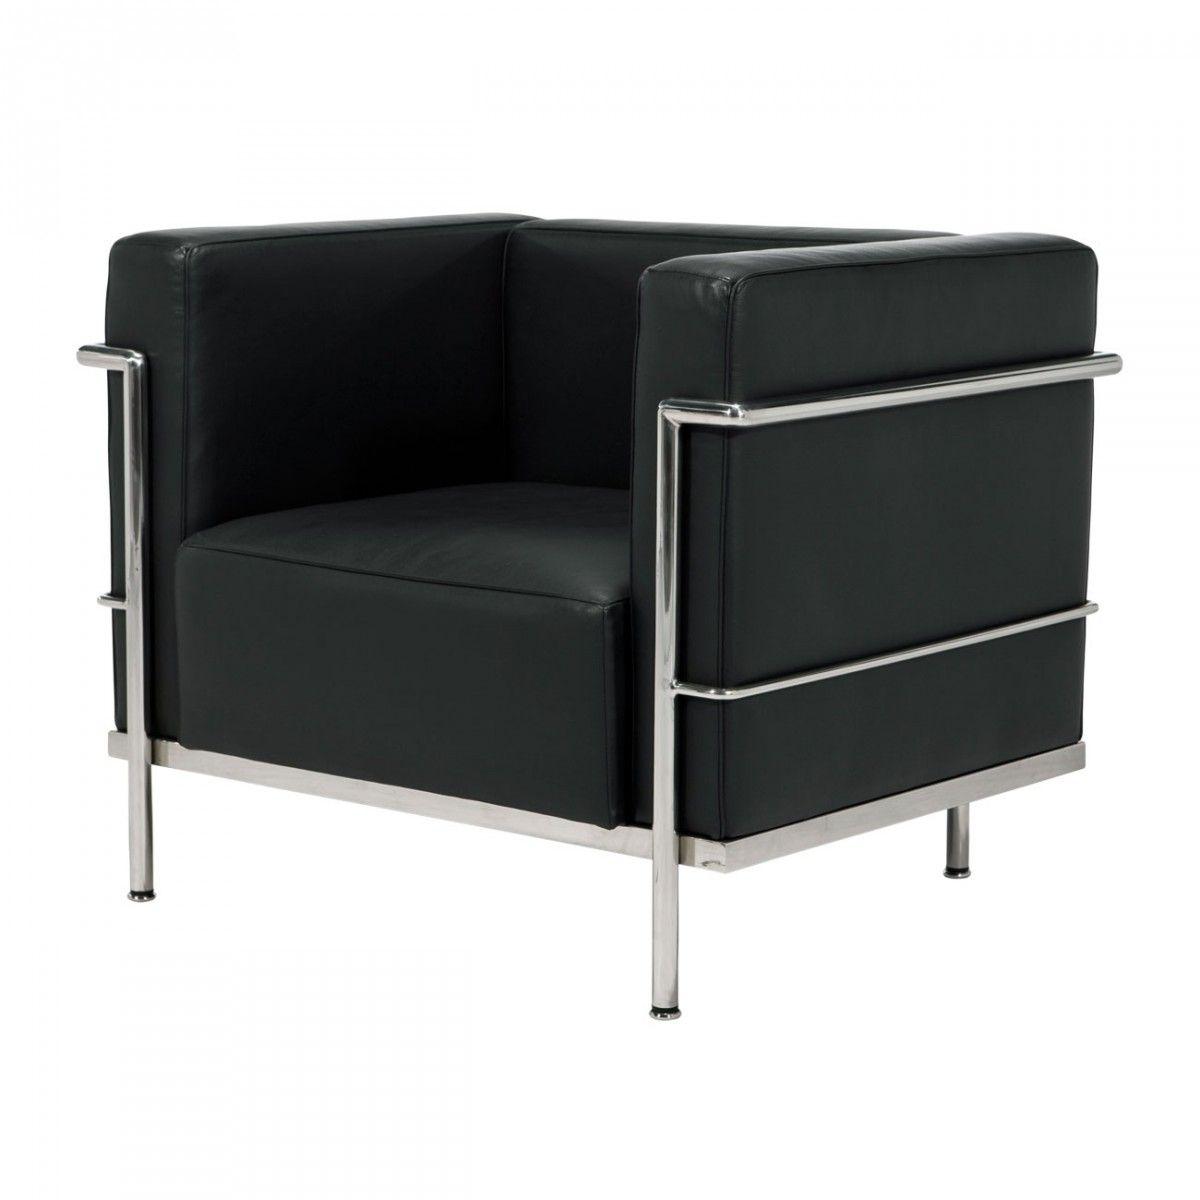 Le corbusier fauteuil fauteuil 2017 - Fauteuil lc4 le corbusier ...